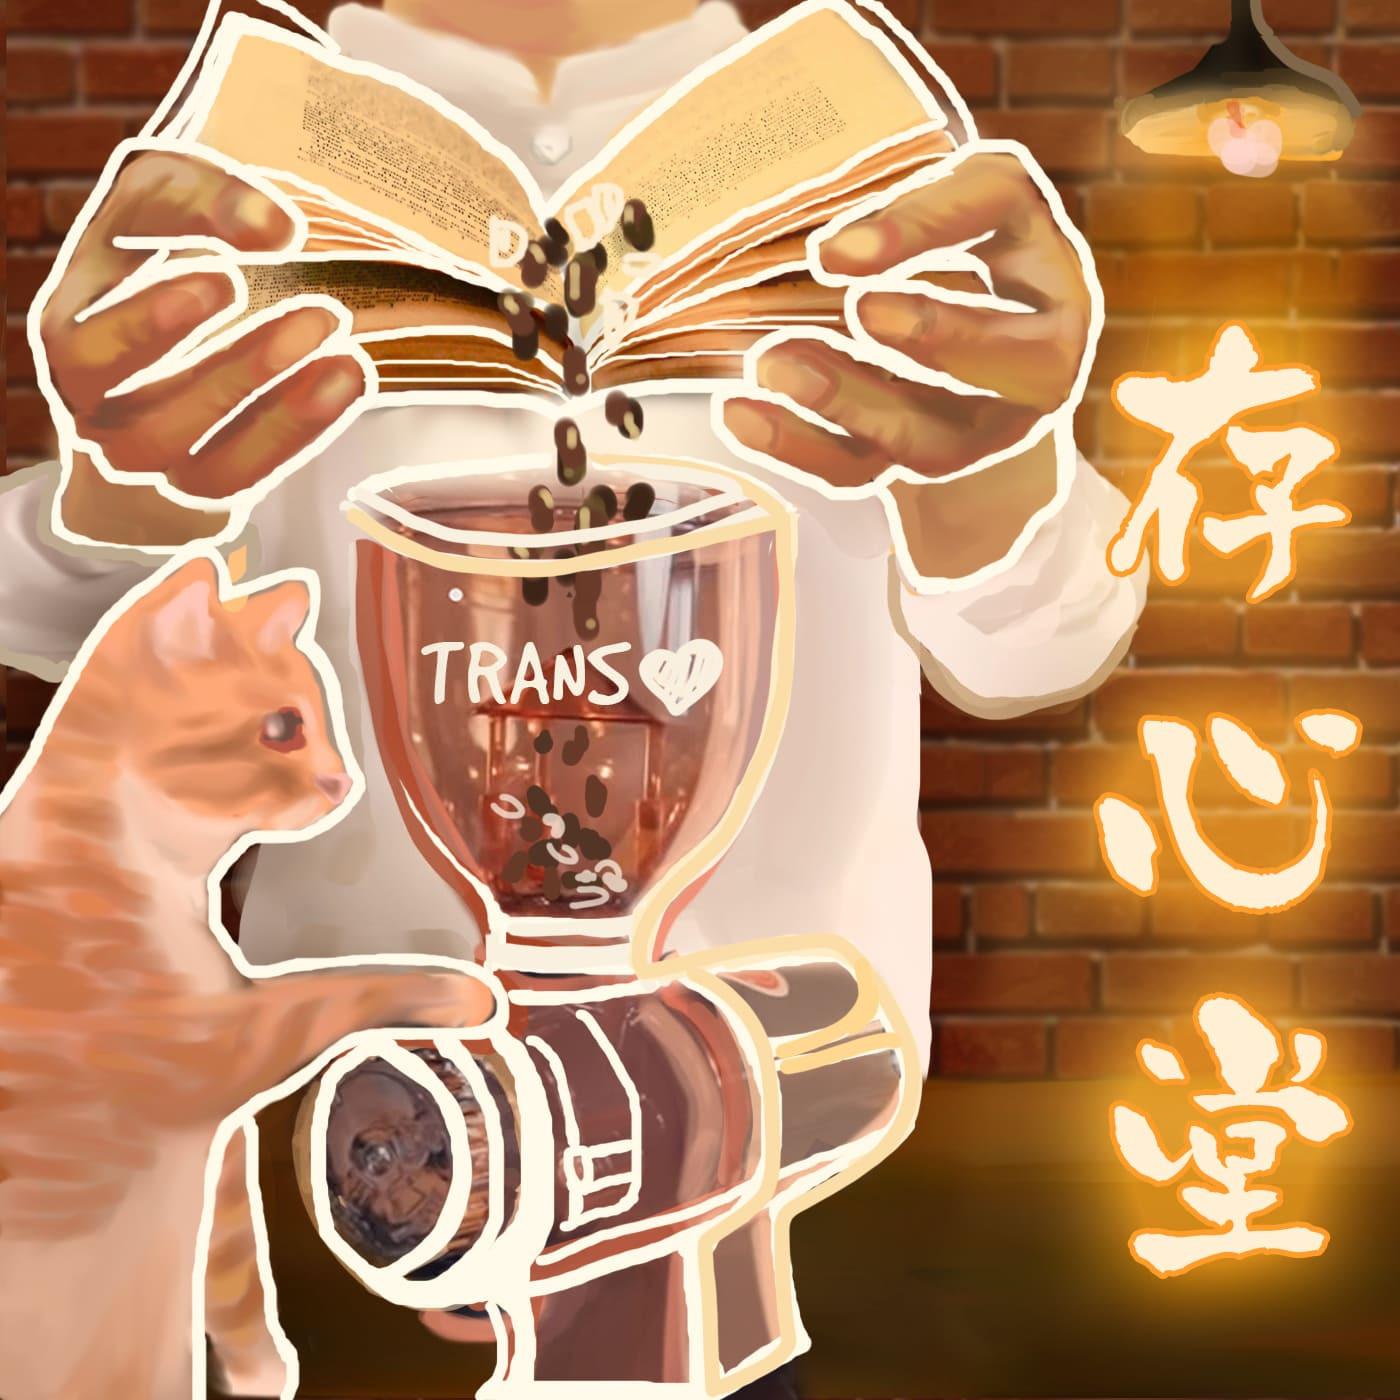 【存聊天】#10【今晚 ! 我想來點地獄變變】與鬼滅之刃同時代的地獄口味 ft. 阿特茶水間 | 刺激的行為の藝術 | 台灣藝術教育有救?